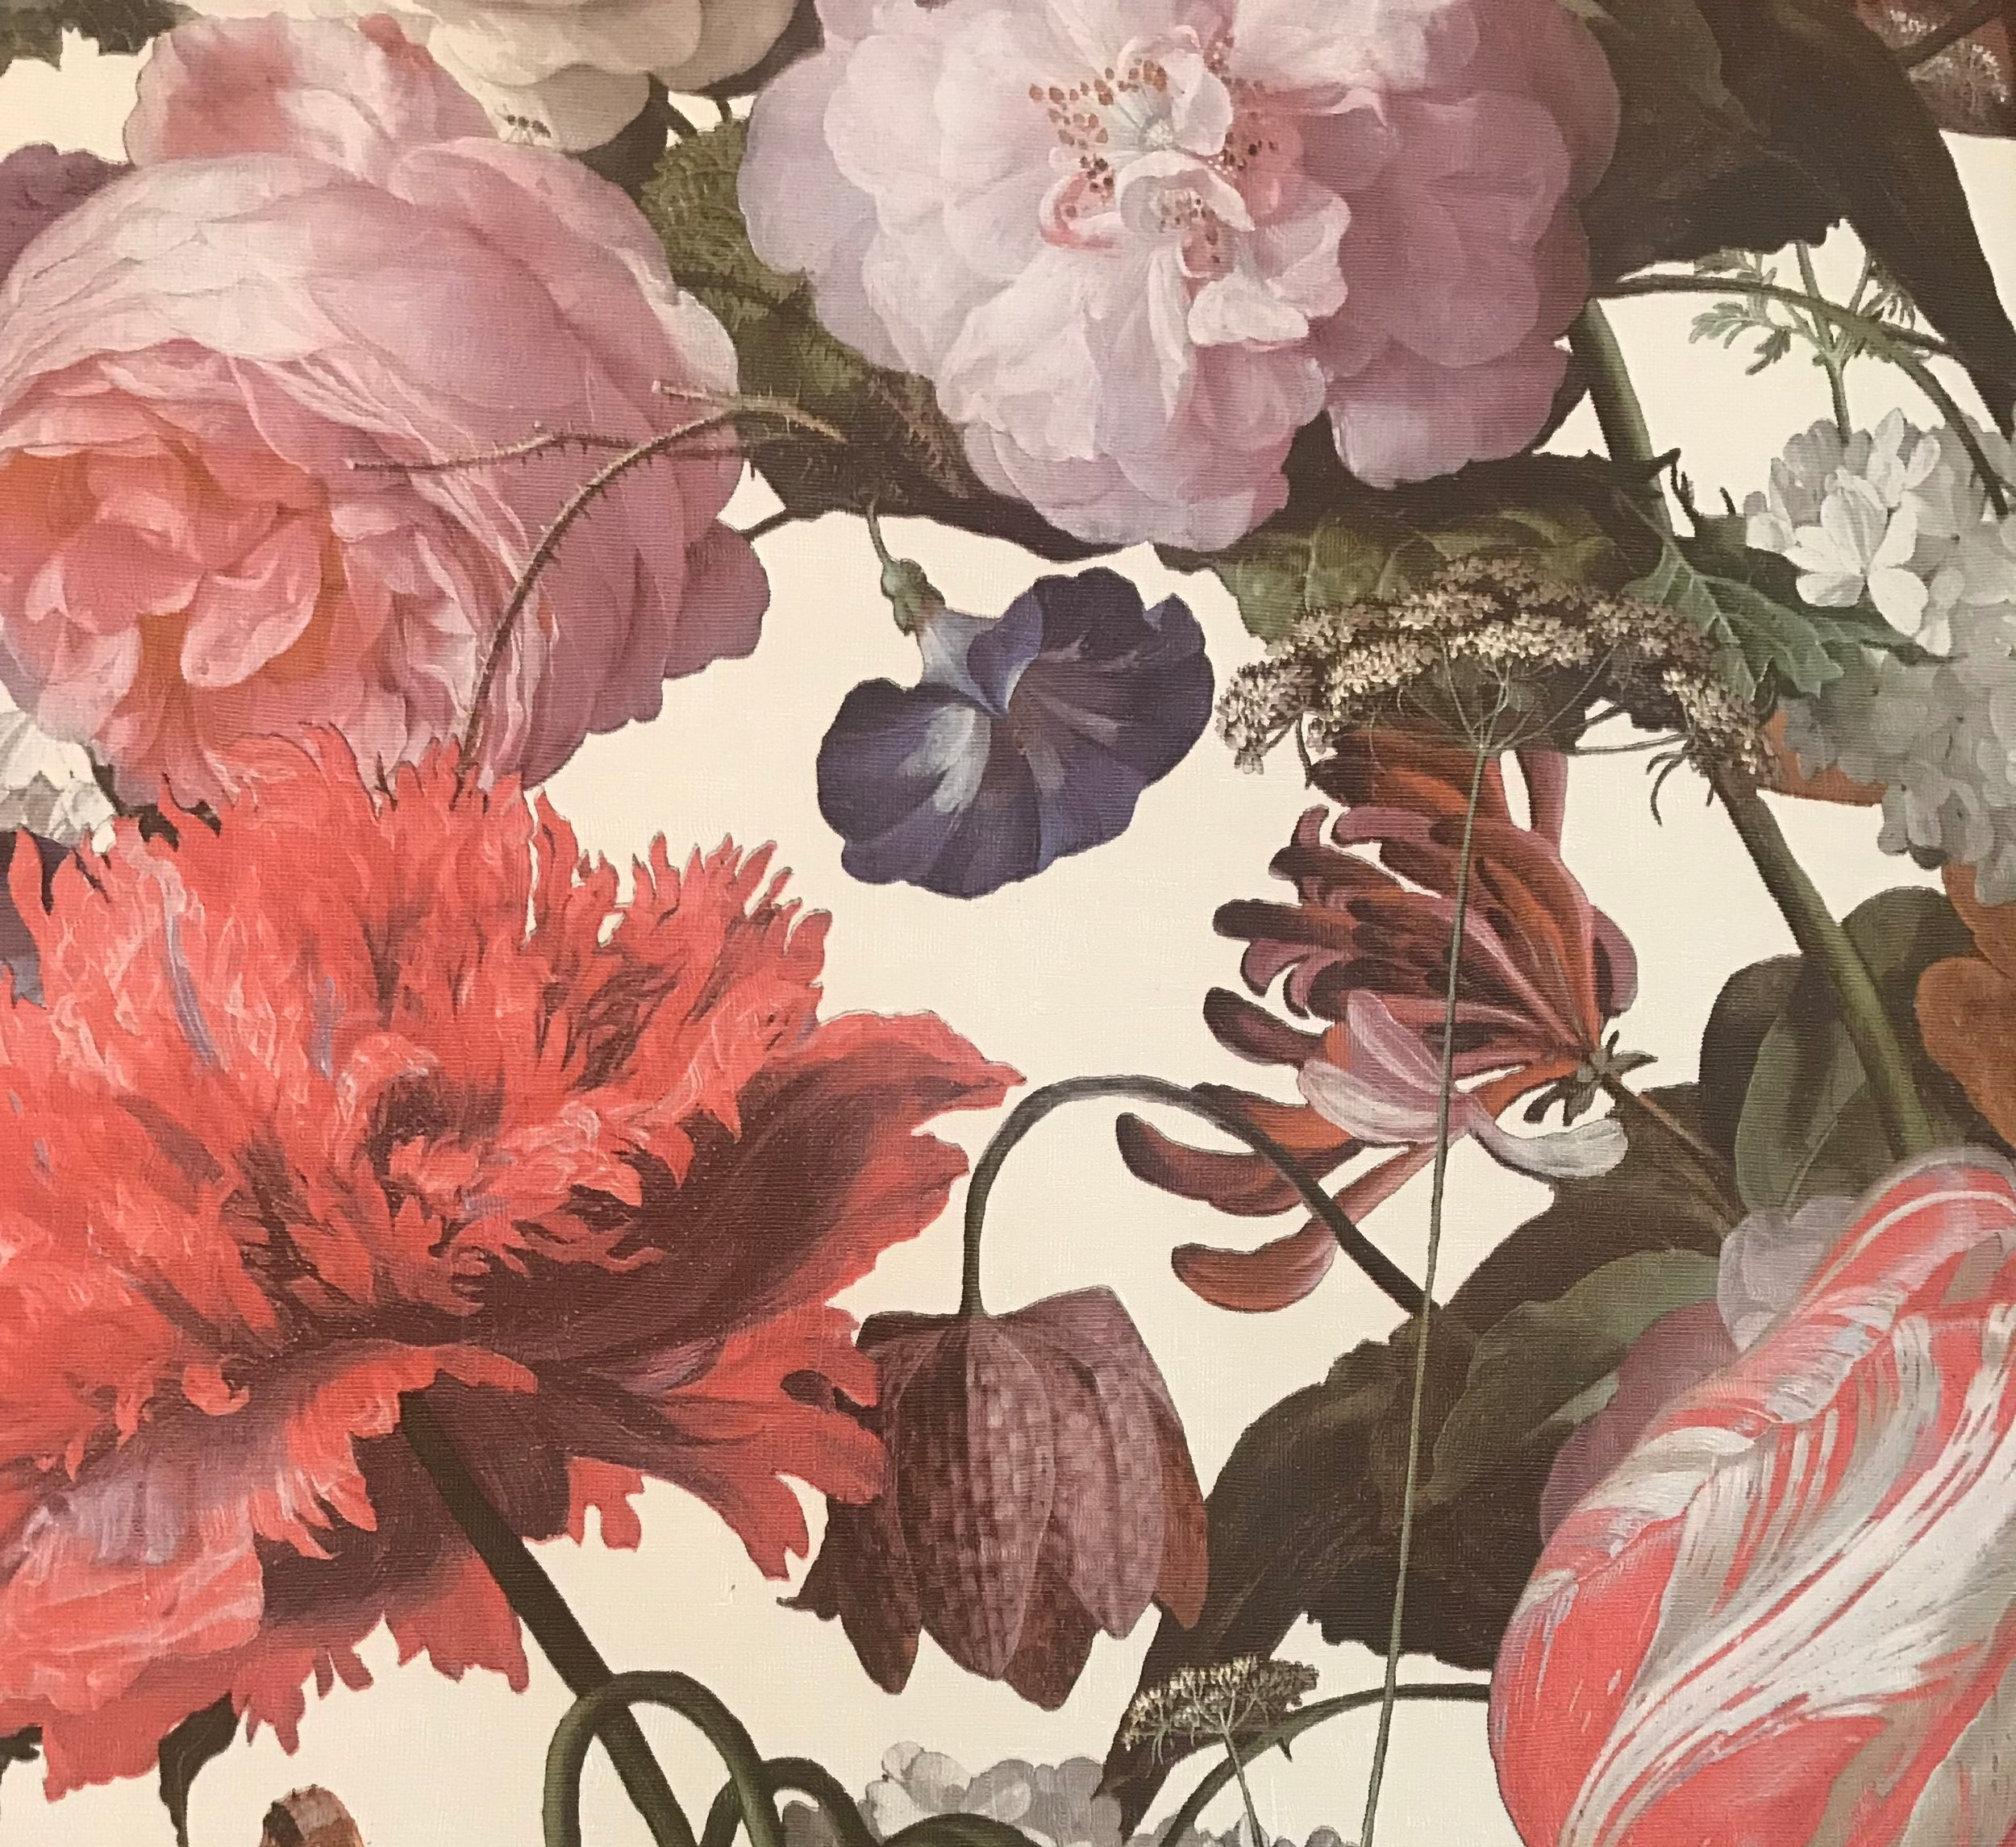 #4 Laat er een foto of schilderij van maken - Bloemen zijn al eeuwenlang object van stillevens. Snappen we! Hoe mooi is het als je dit ook met je rouwbloemen doet. Laat er een professionele foto van maken, of een schilderij. Zo geef je de betekenisvolle schoonheid een mooie langdurige plek in je huis.